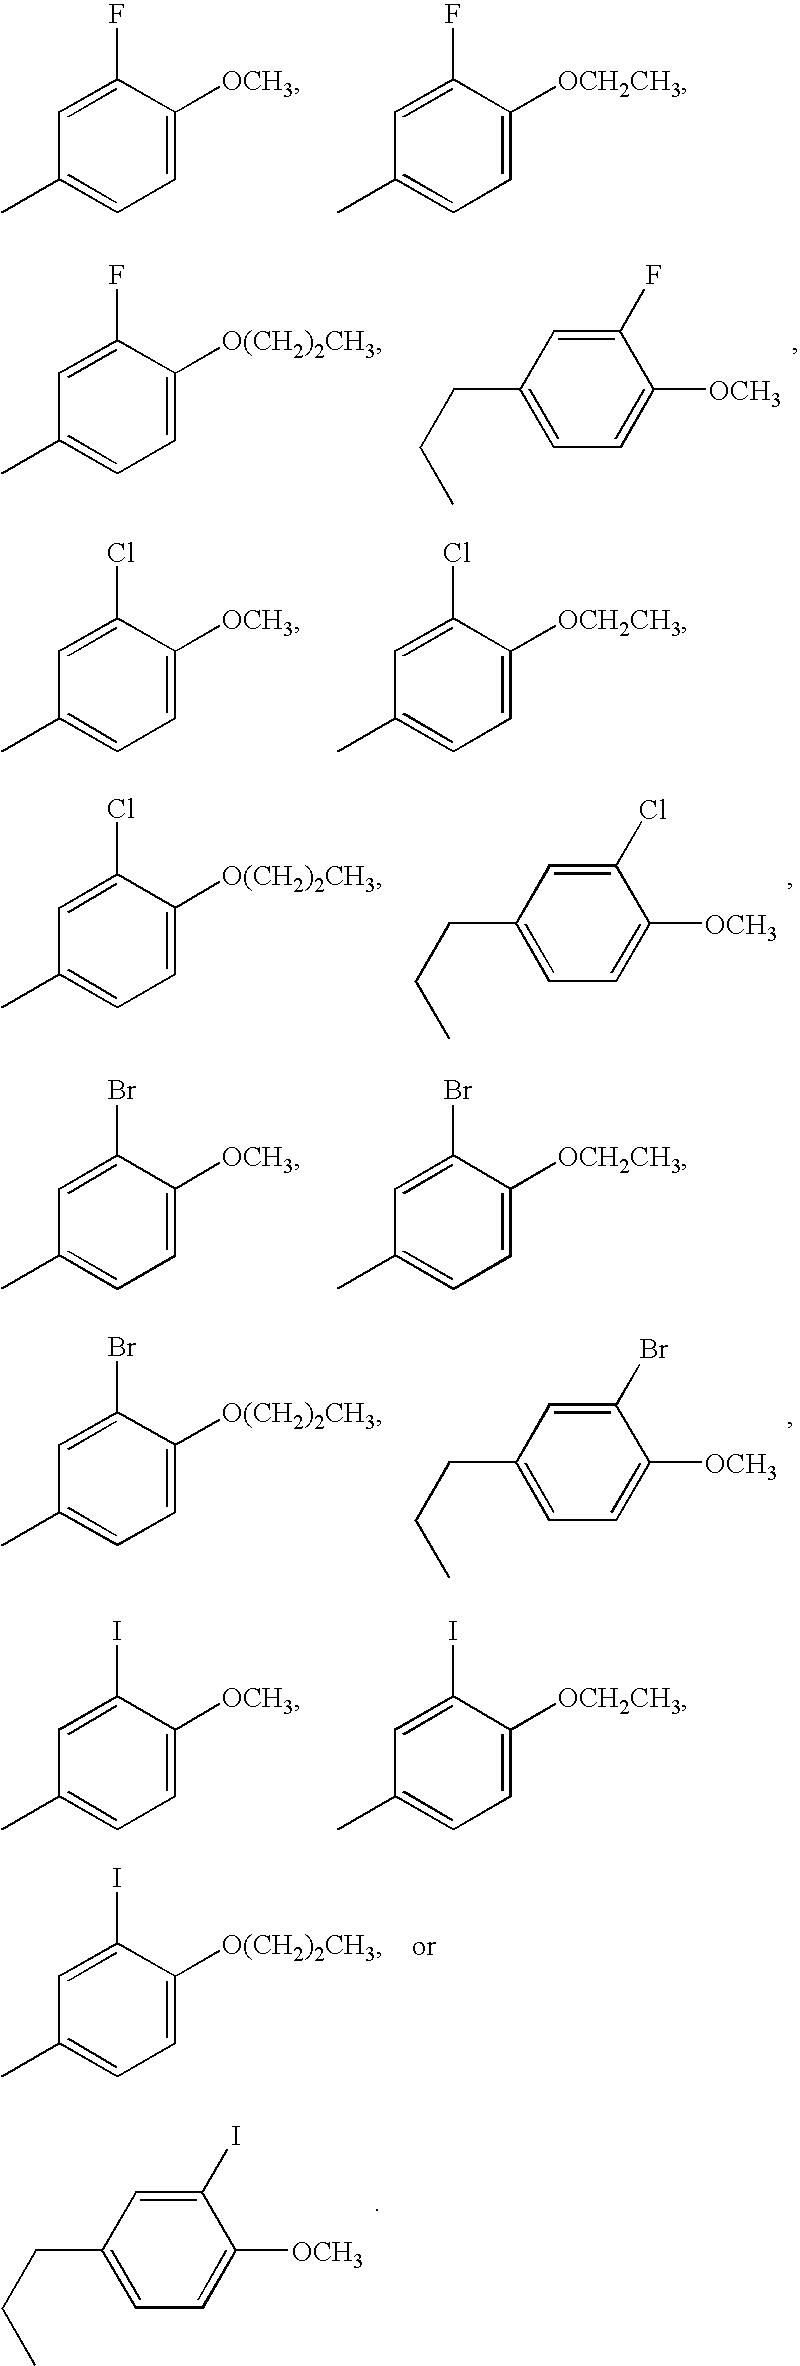 Figure US20050113341A1-20050526-C00068